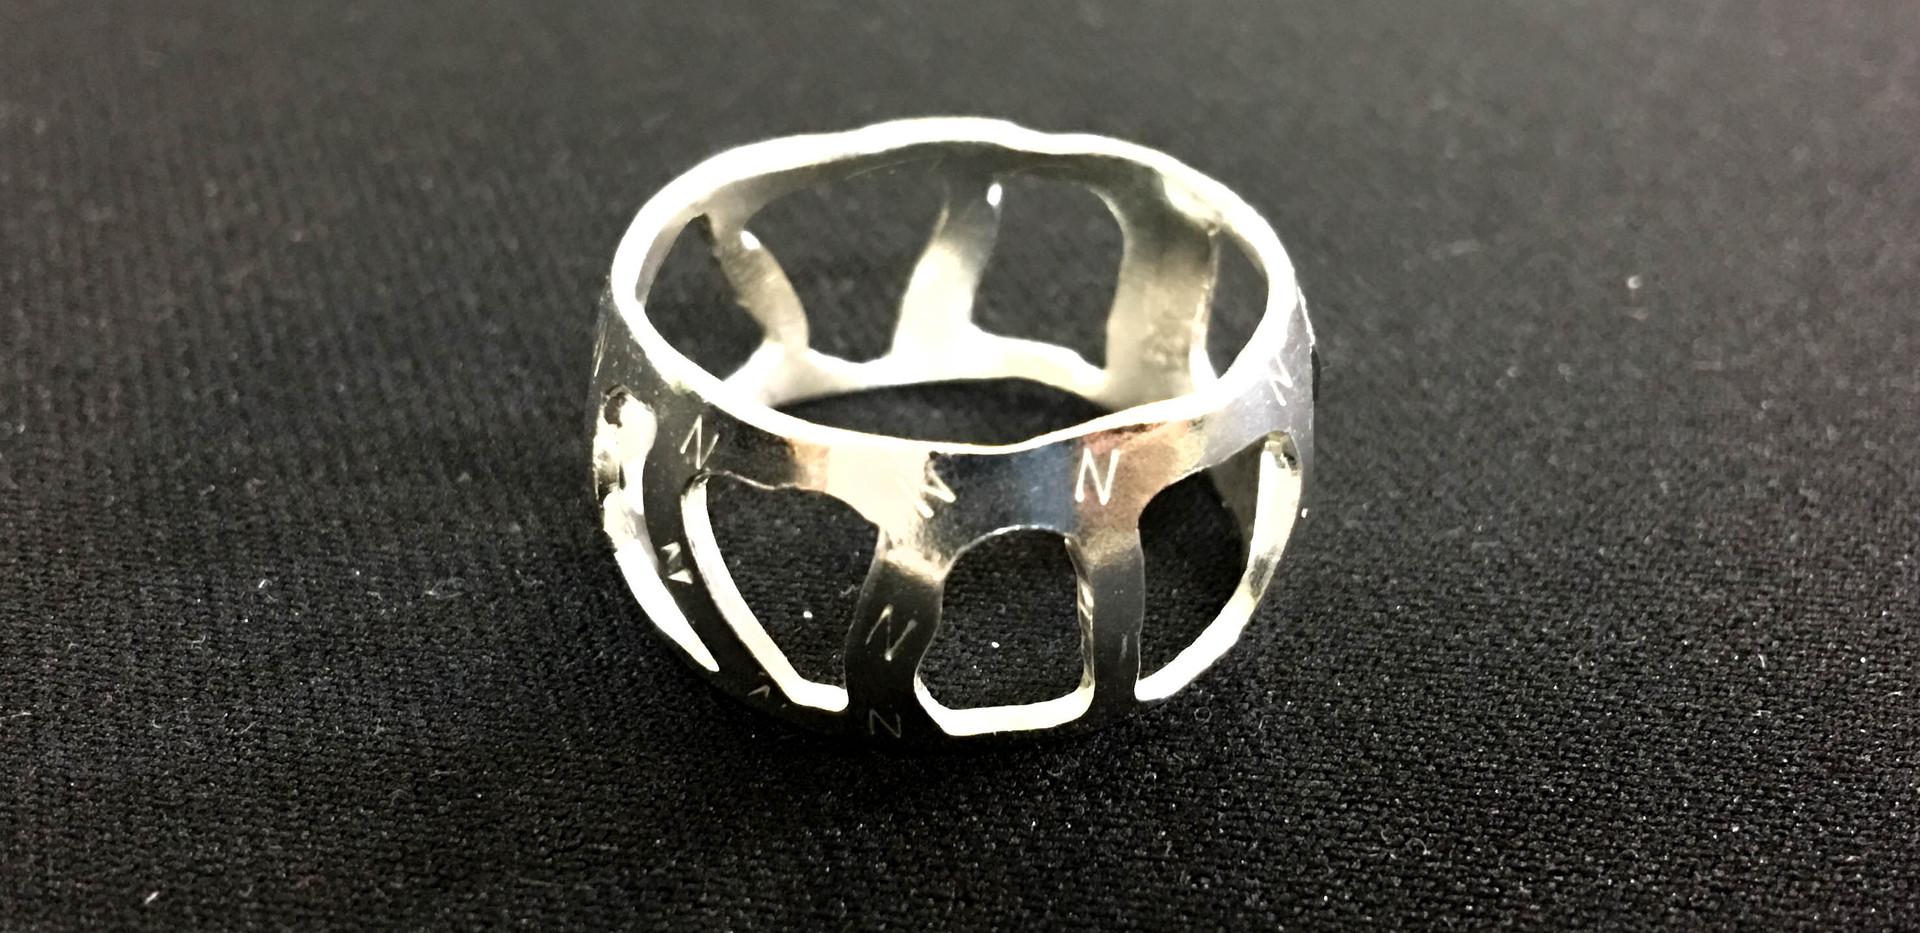 N Ring - Detail